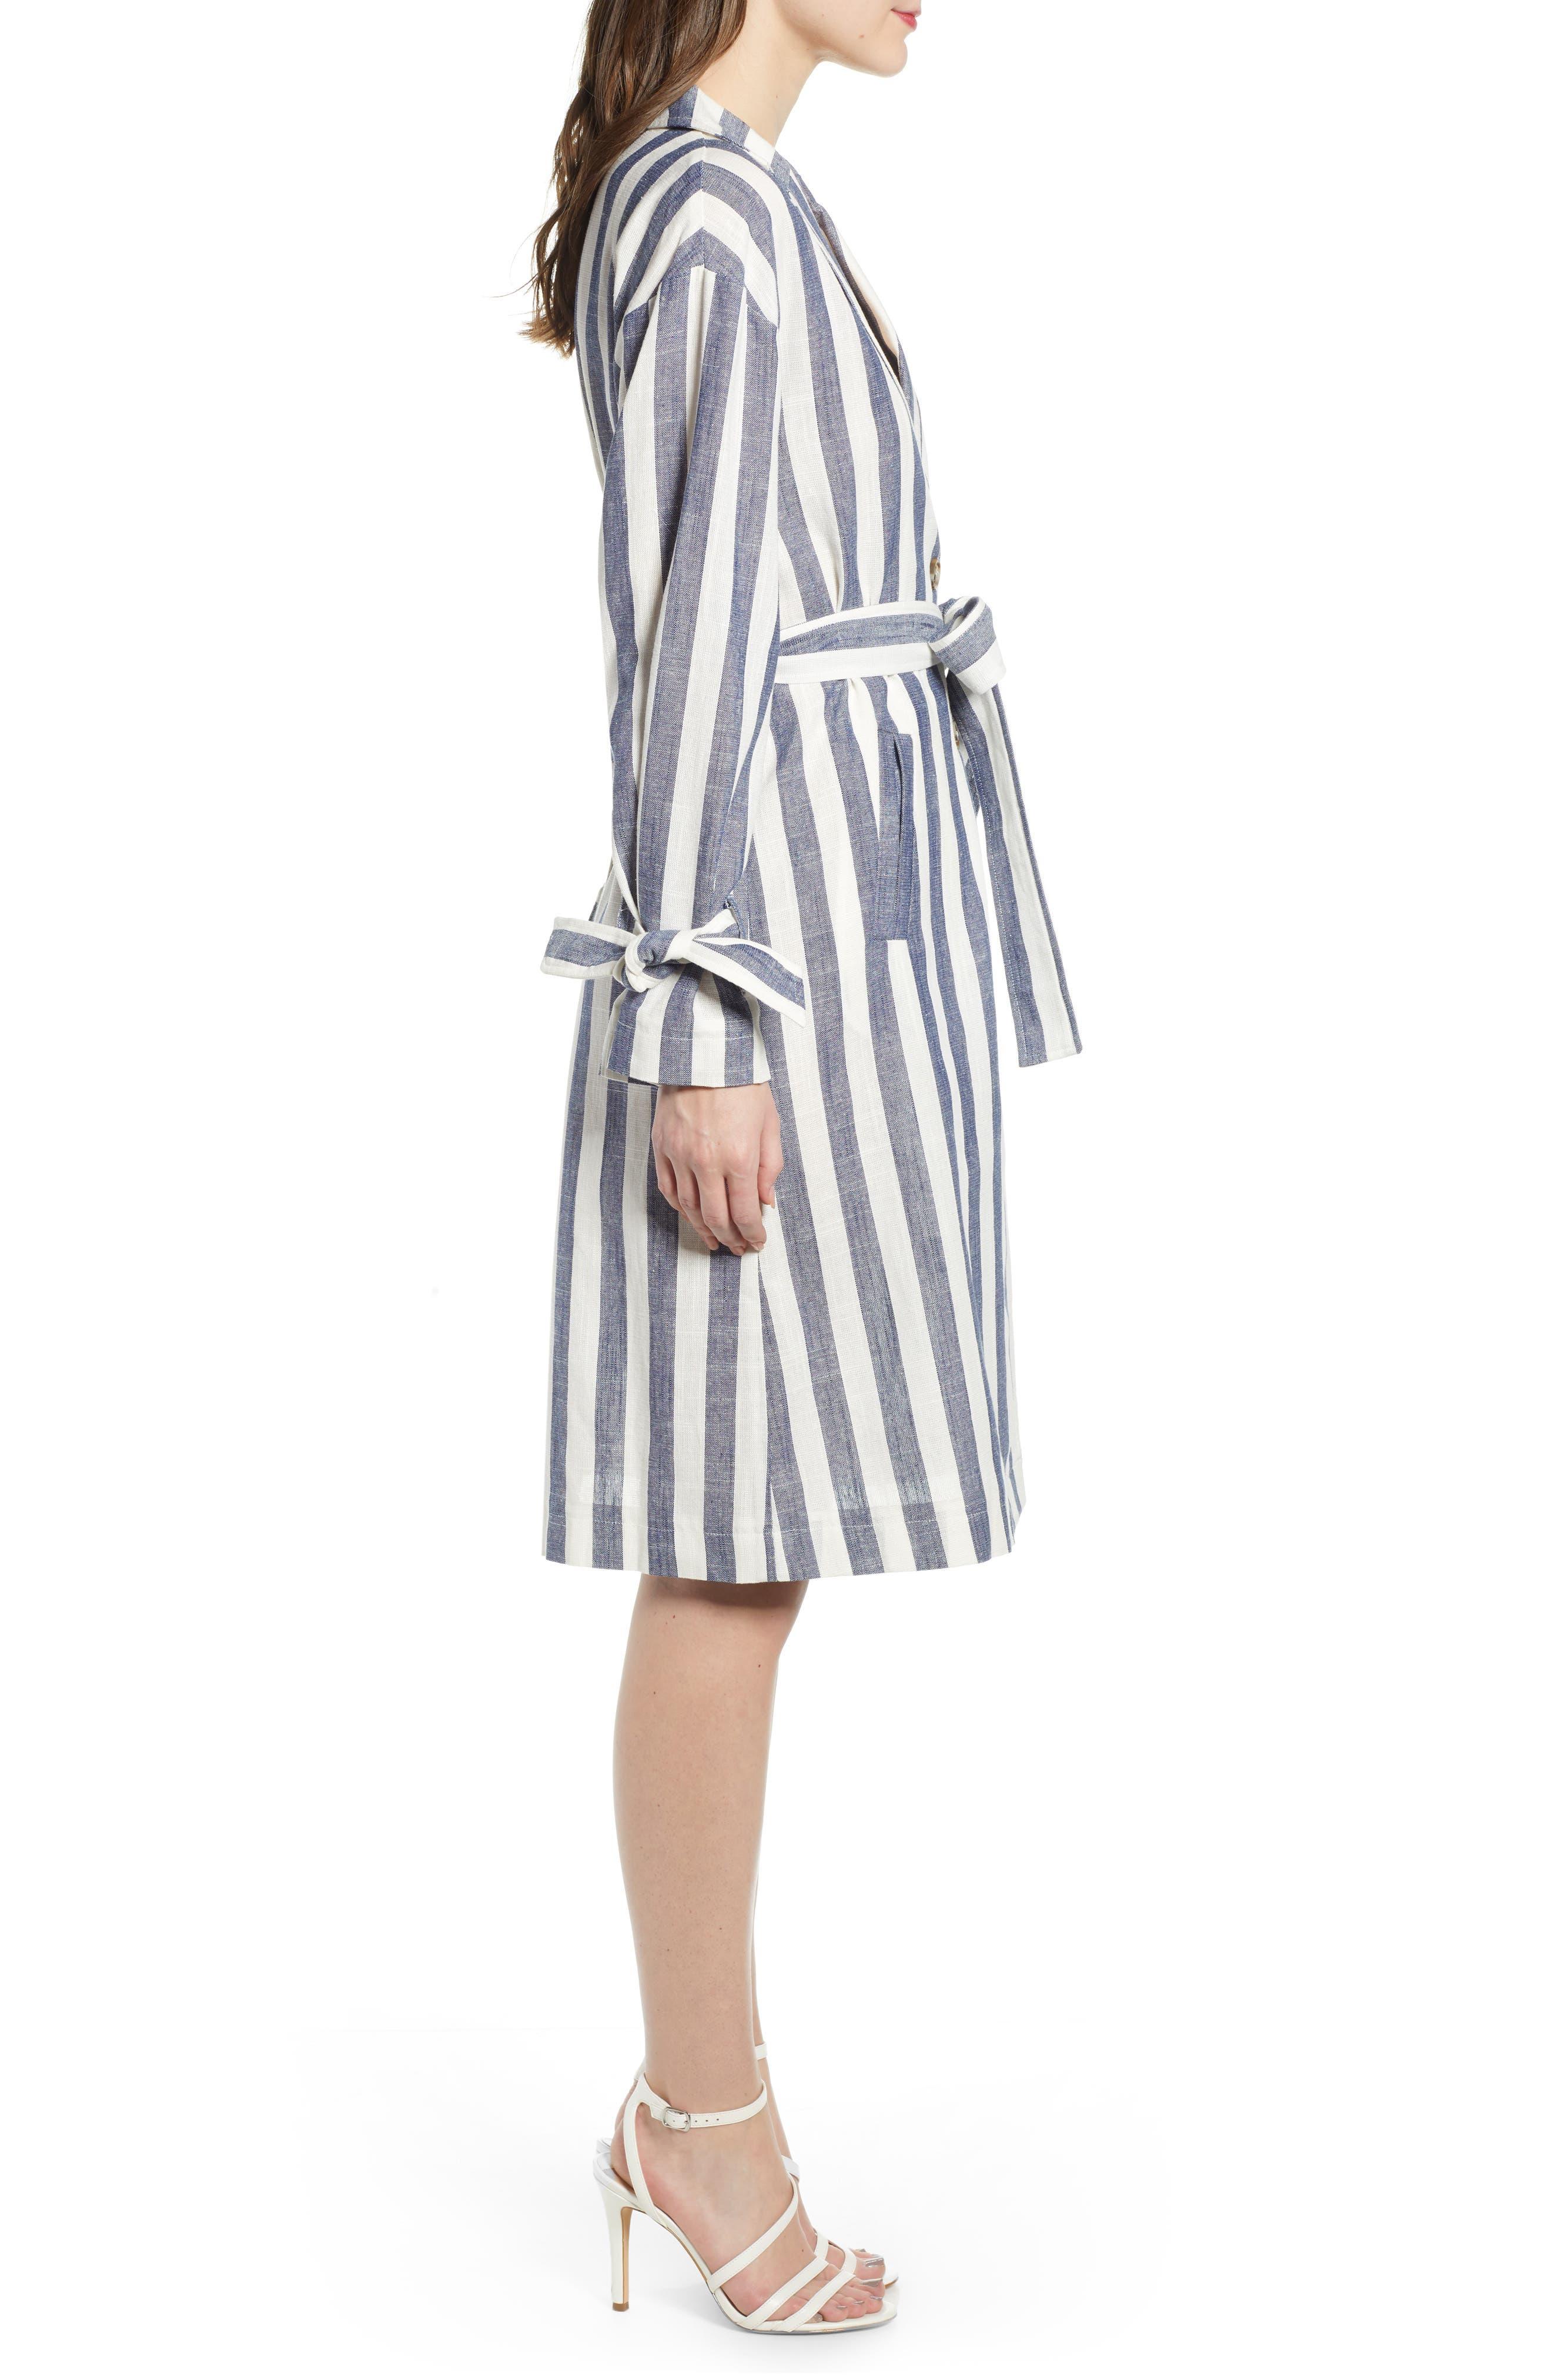 J.O.A., Stripe Cotton & Linen Shirtdress, Alternate thumbnail 4, color, NAVY/ WHITE STRIPE